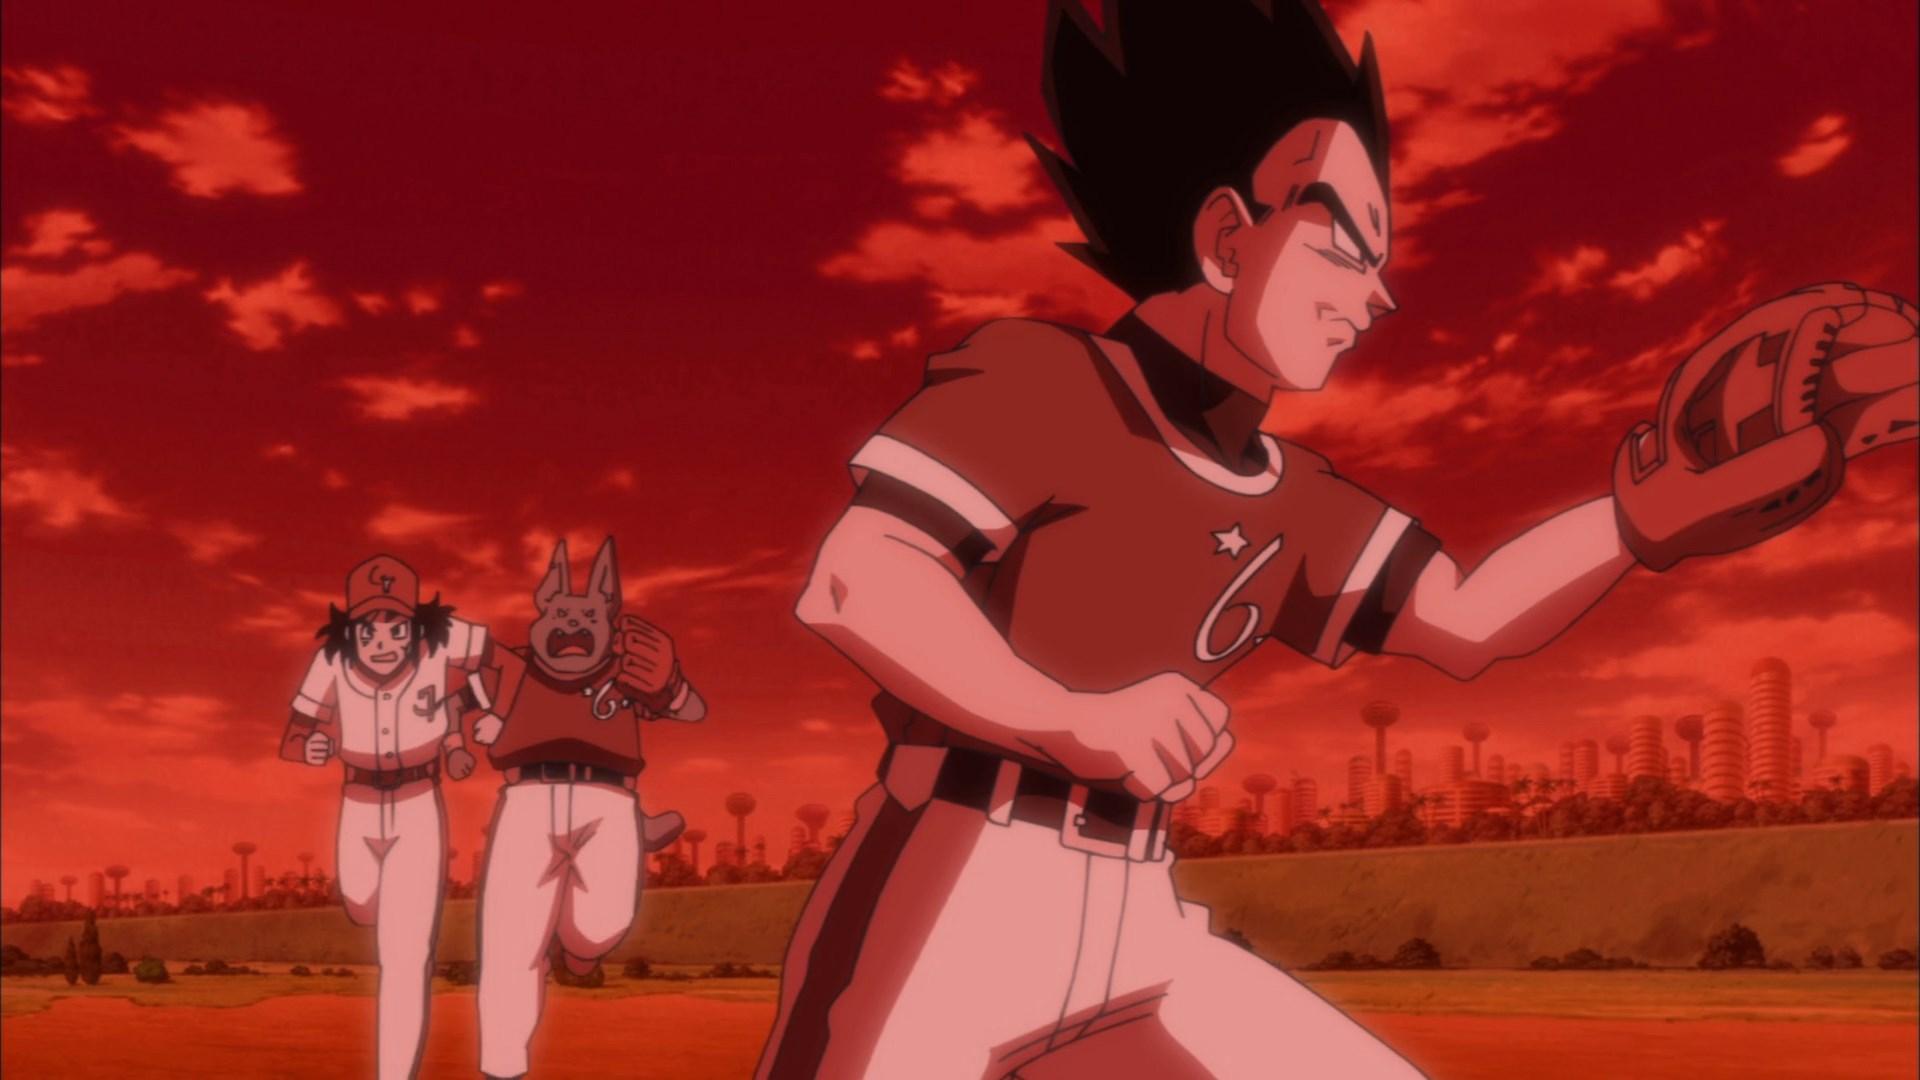 [DS] Dragon Ball Super 070 [1080p].mkv_snapshot_16.31_[2016.12.11_03.53.14]